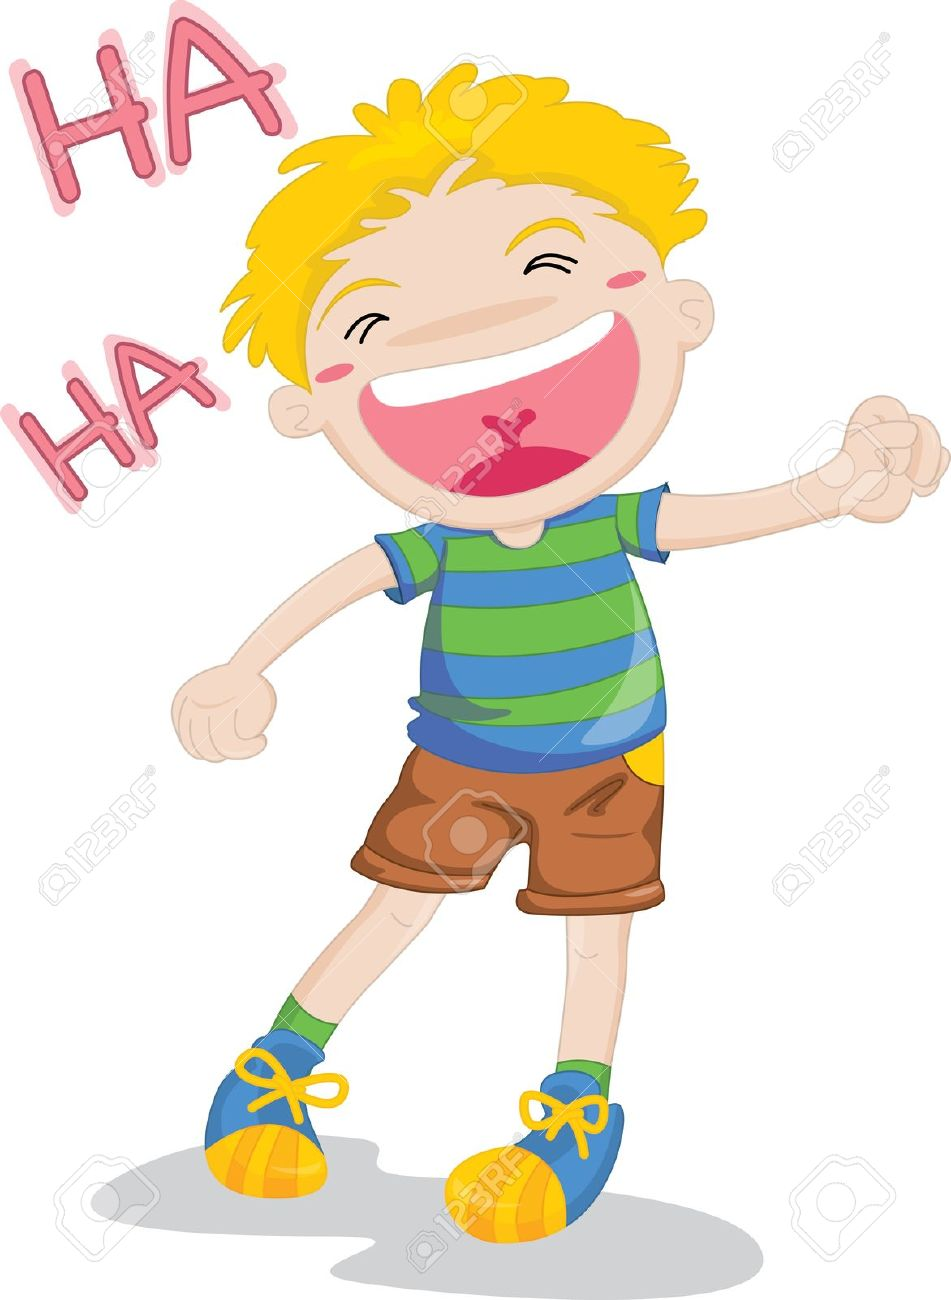 951x1300 Clipart cartoon laugh